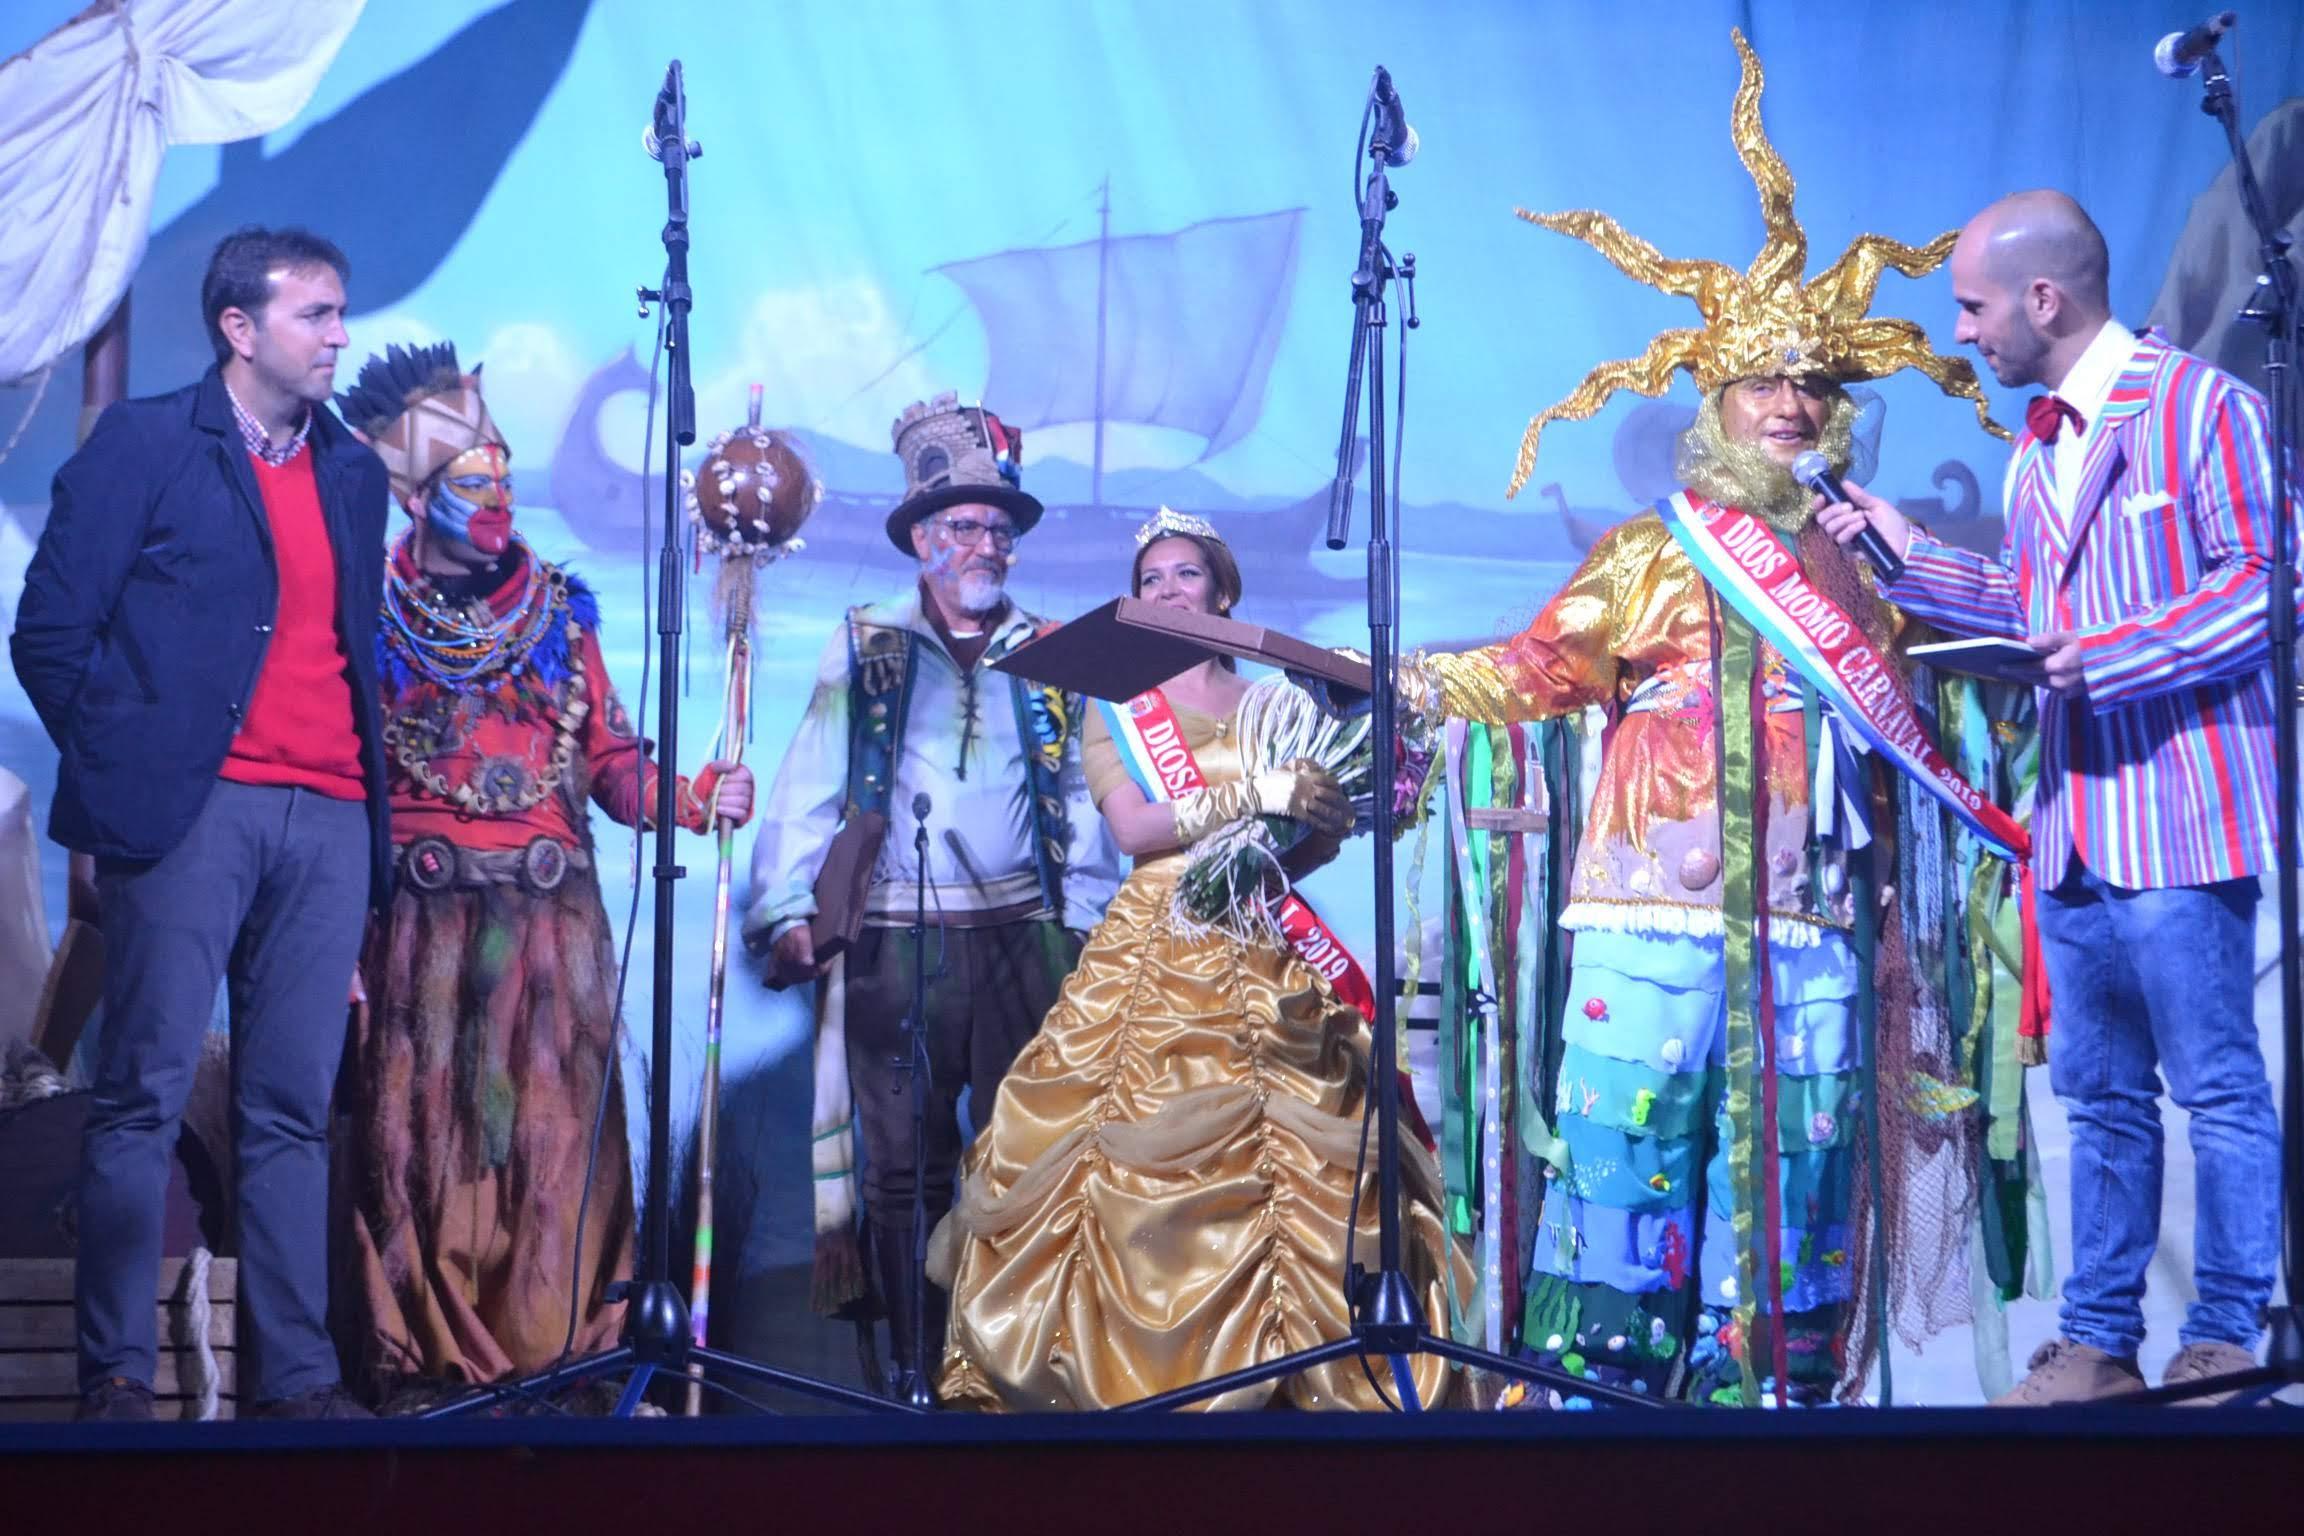 El pregón del comparsista tarifeño y la presentación de la Diosa y Dios Momo marcaron ayer la inauguración de la fiesta que toma ya la calle